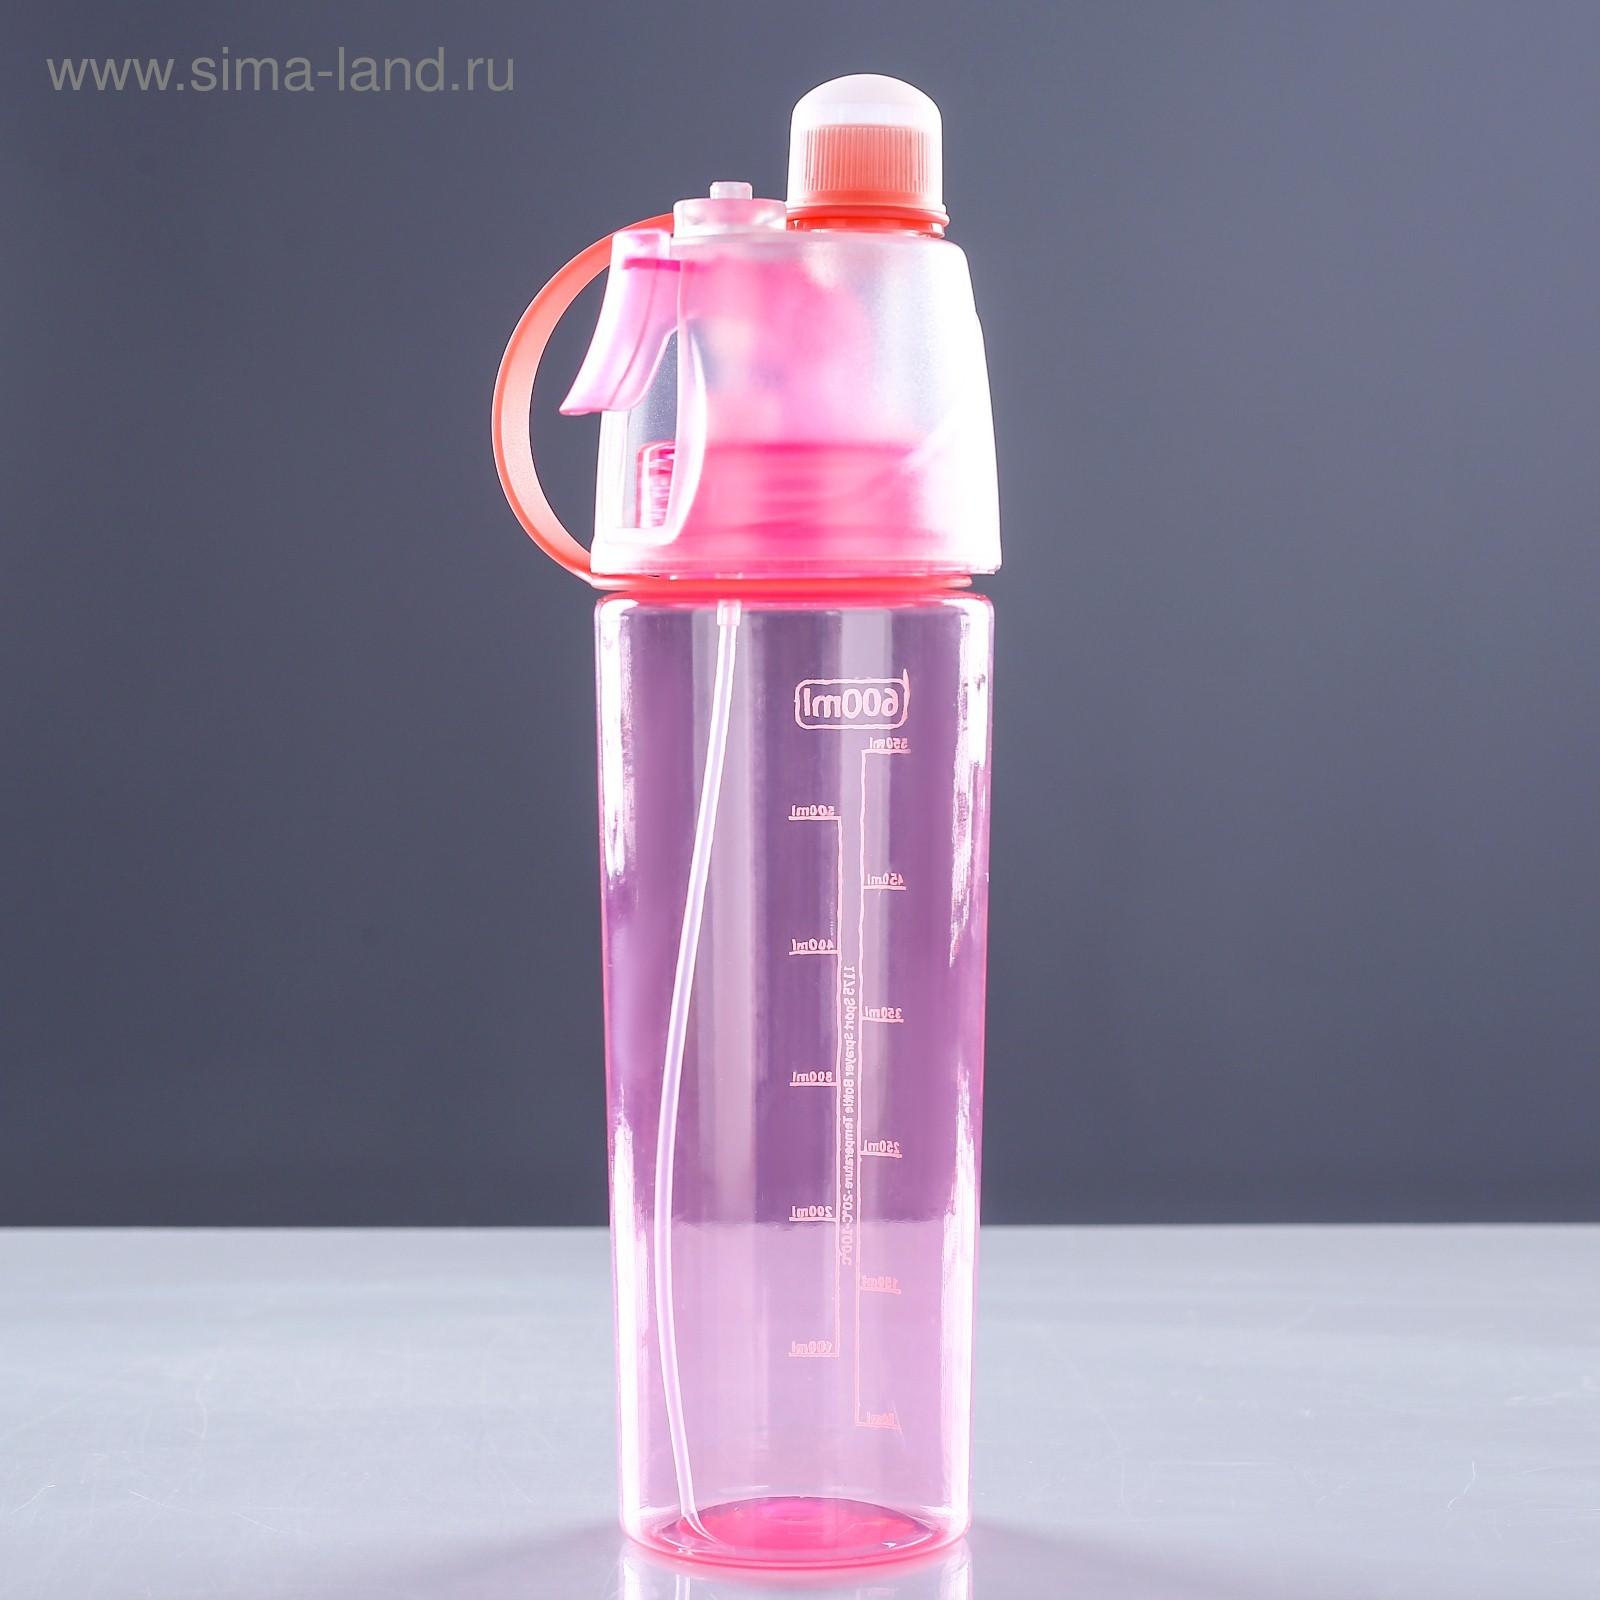 Купить бутылку для воды спортивная екатеринбург женское нижнее белье оптом хмельницкий